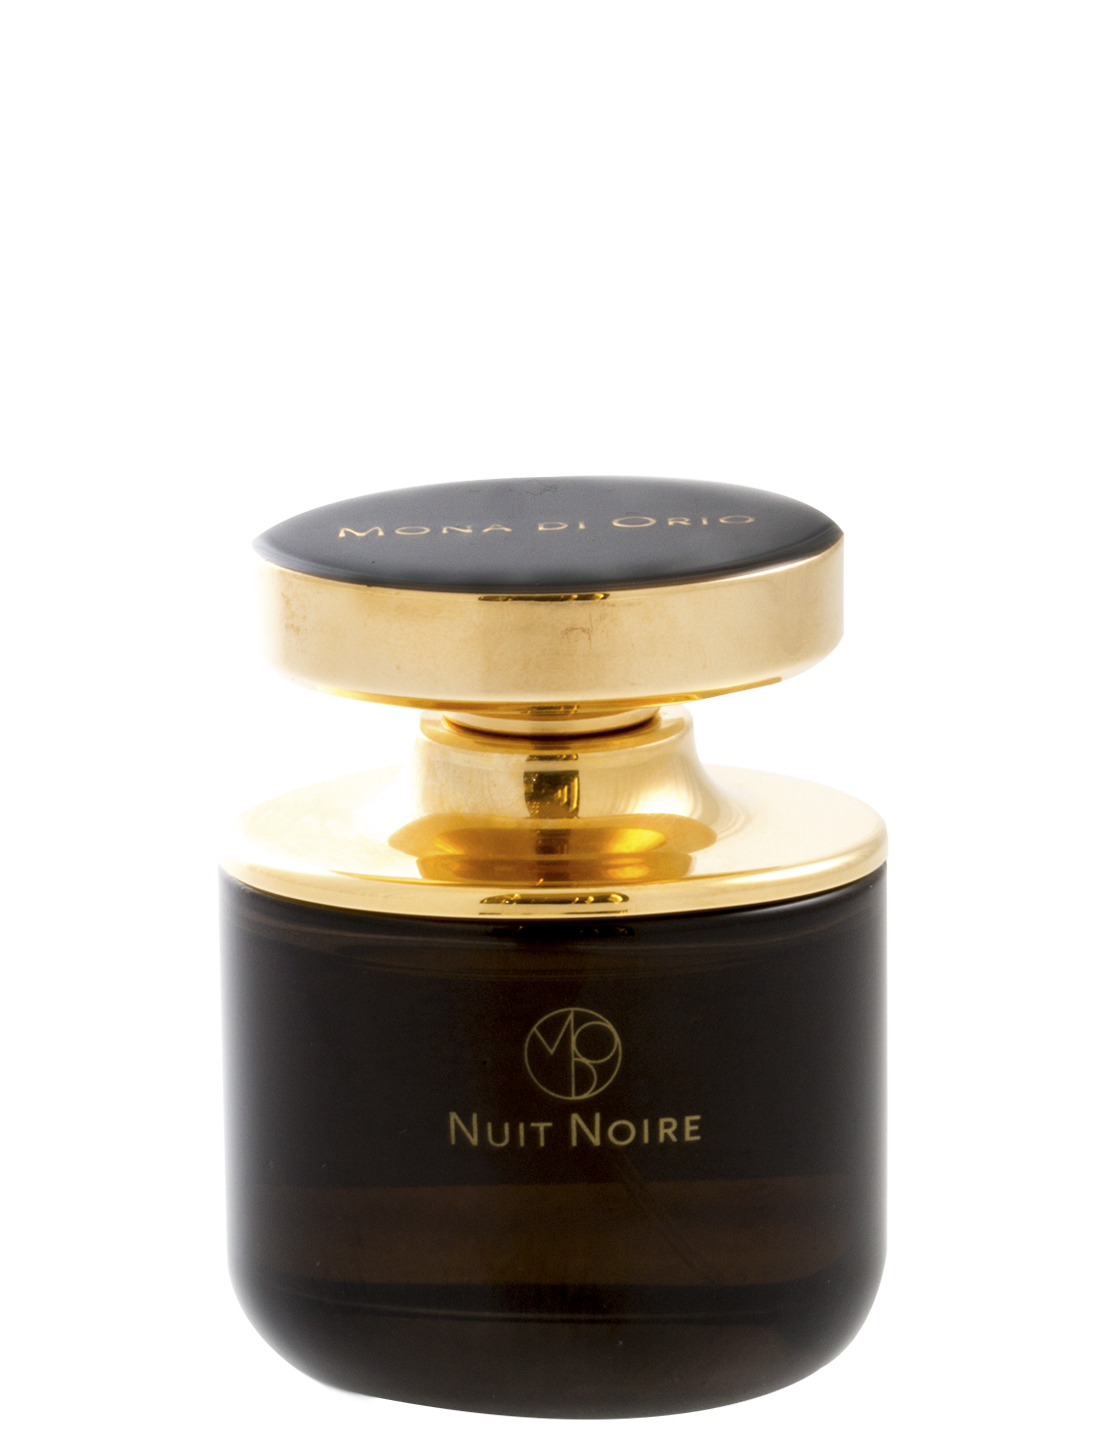 Signature Collection – Nuit Noire